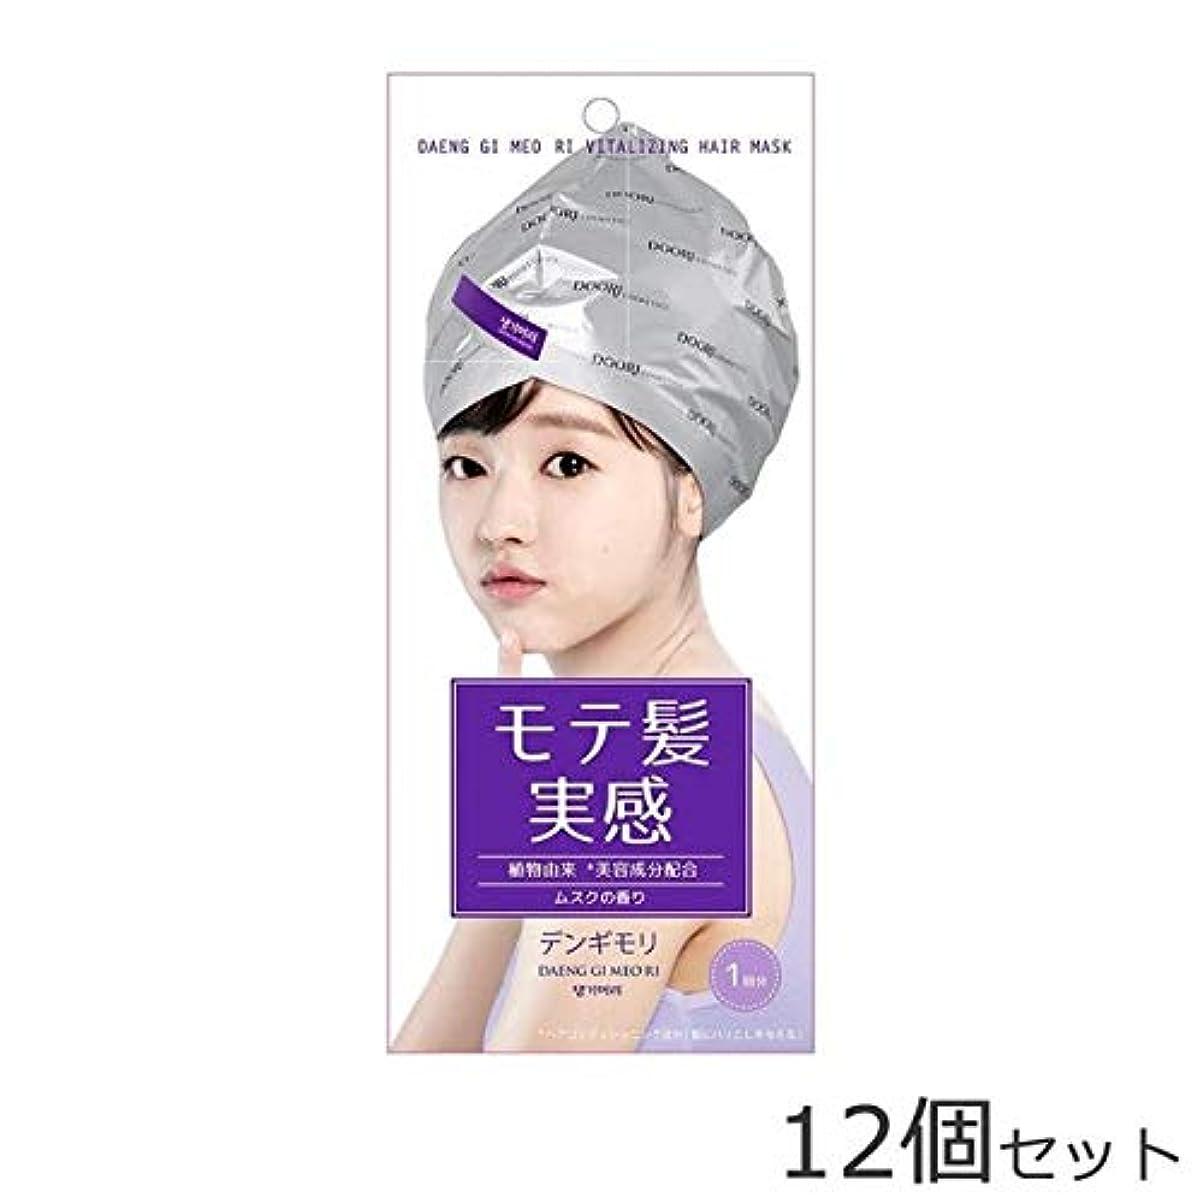 ポゴスティックジャンプ土器アプローチデンギモリ 珍気 集中ヘアマスク(洗い流すヘアトリートメント) 12個セット (マスクで簡単にサロンケア)